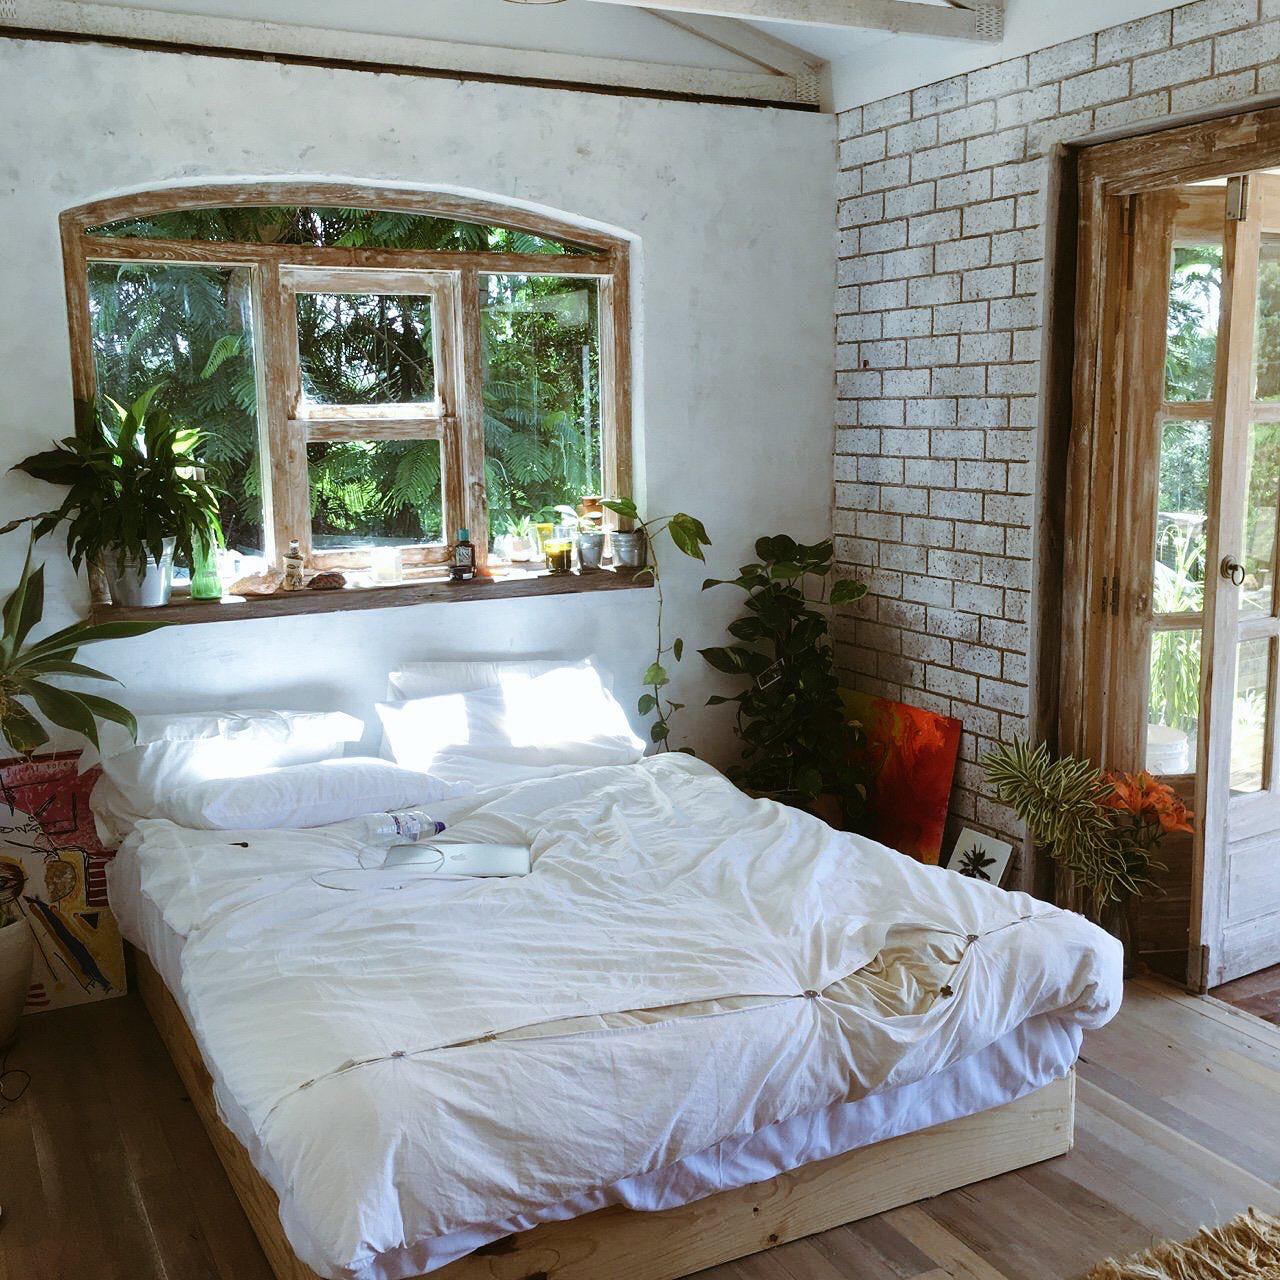 Pin By Lauren Mukalian On Melancholic Scenes Luxurious Bedrooms Zen Bedroom Decor Elegant Home Decor